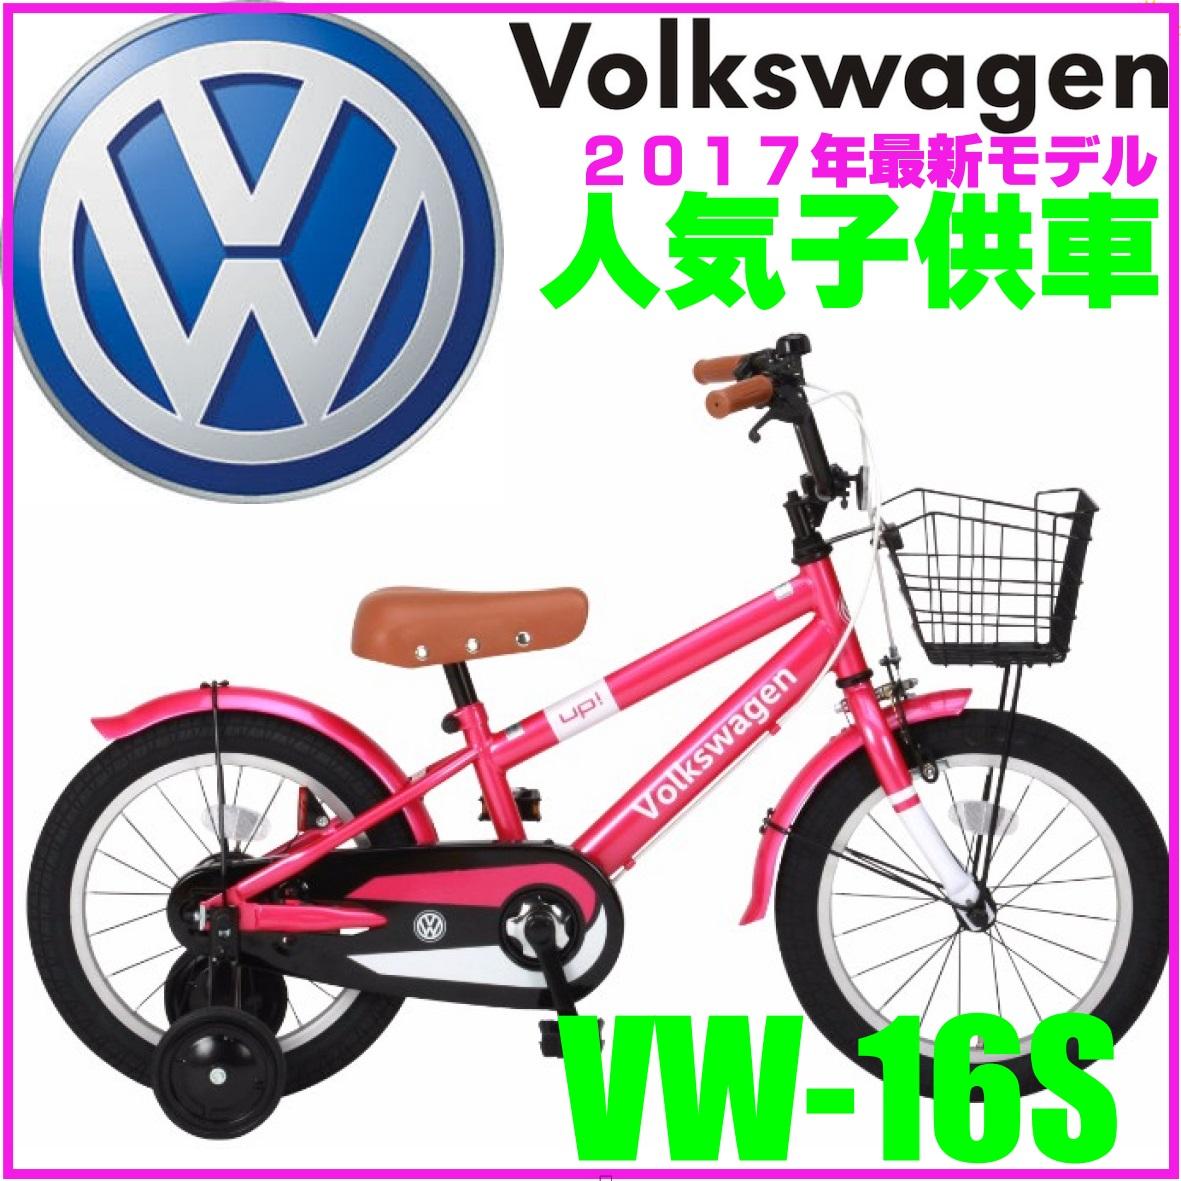 配送先一都三県一部地域限定送料無料 フォルクスワーゲン 自転車 子供用 Volkswagen 自転車 ピンク 16インチ 自転車 補助輪付き フォルクスワーゲン VW-16S up! 子ども車 アップ 売切御免 キッズ 自転車 ジュニア 女の子 通販 おしゃれ